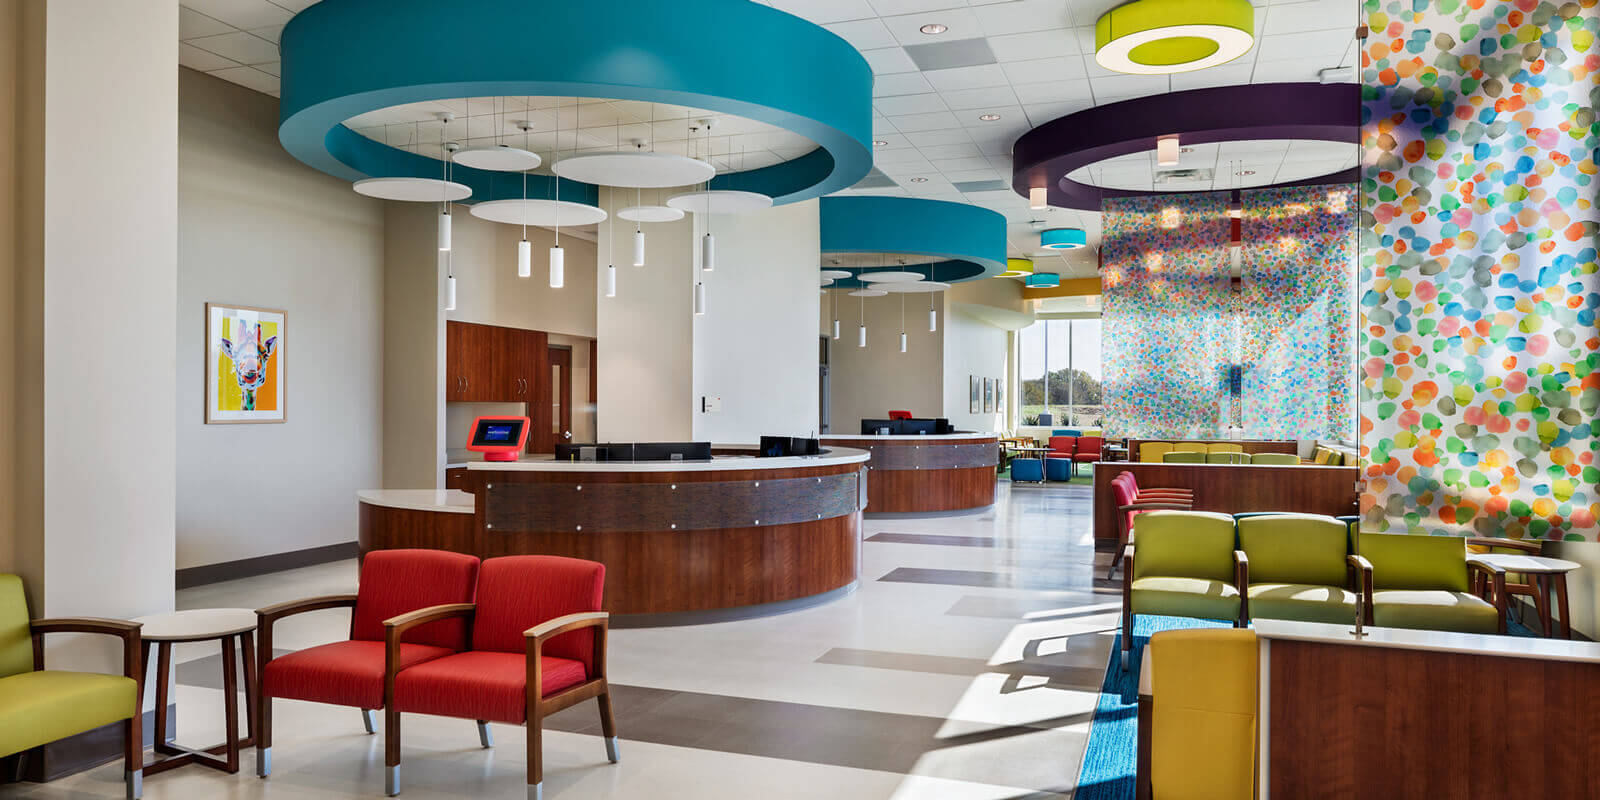 vumc-childrens-surgery-clinics-murfreesboro-interior-waiting-room_banner